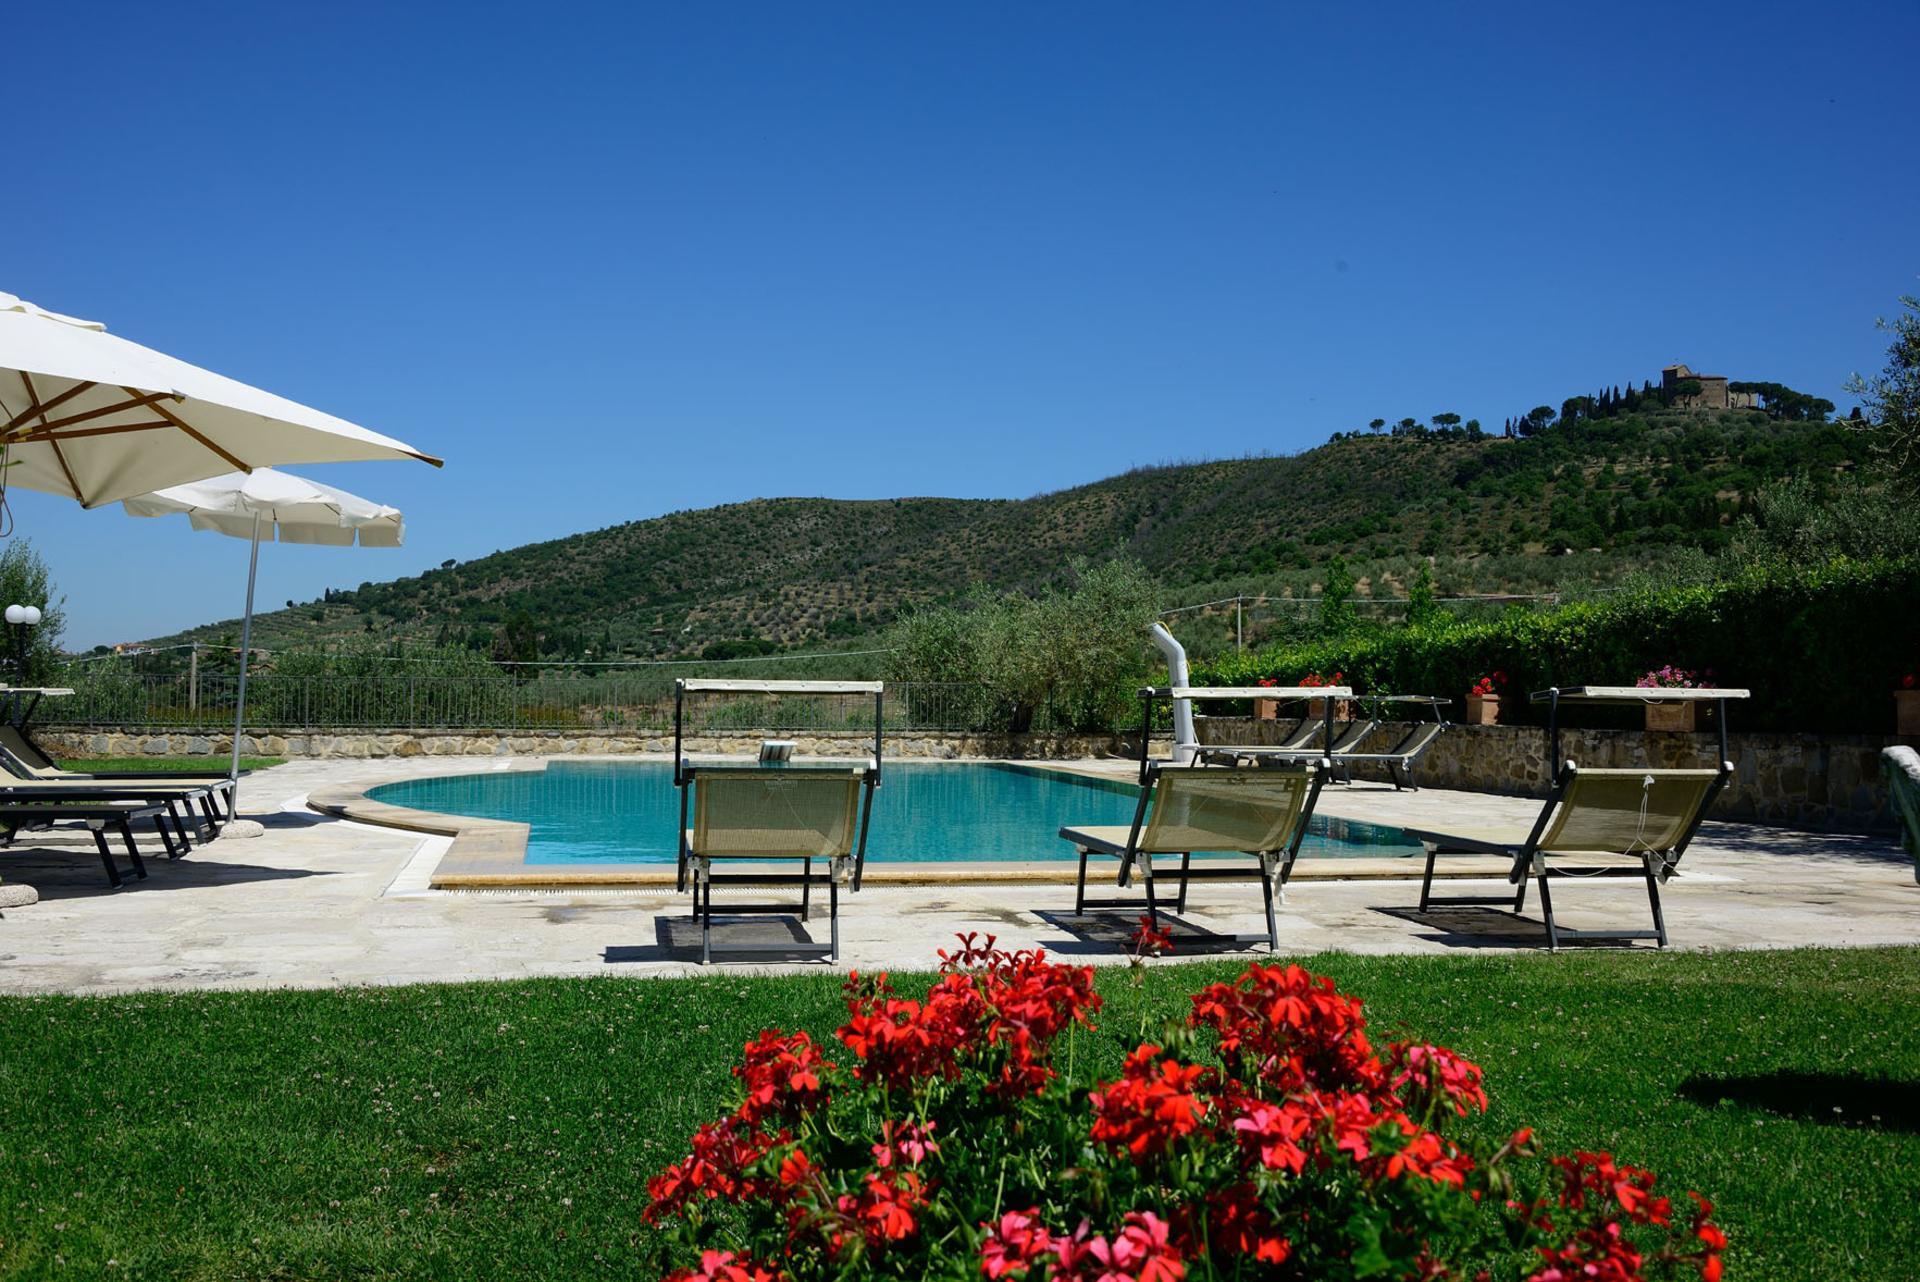 Outdoor Pool 4, Giulietta, Tuoro sul Trasimeno, Umbria.